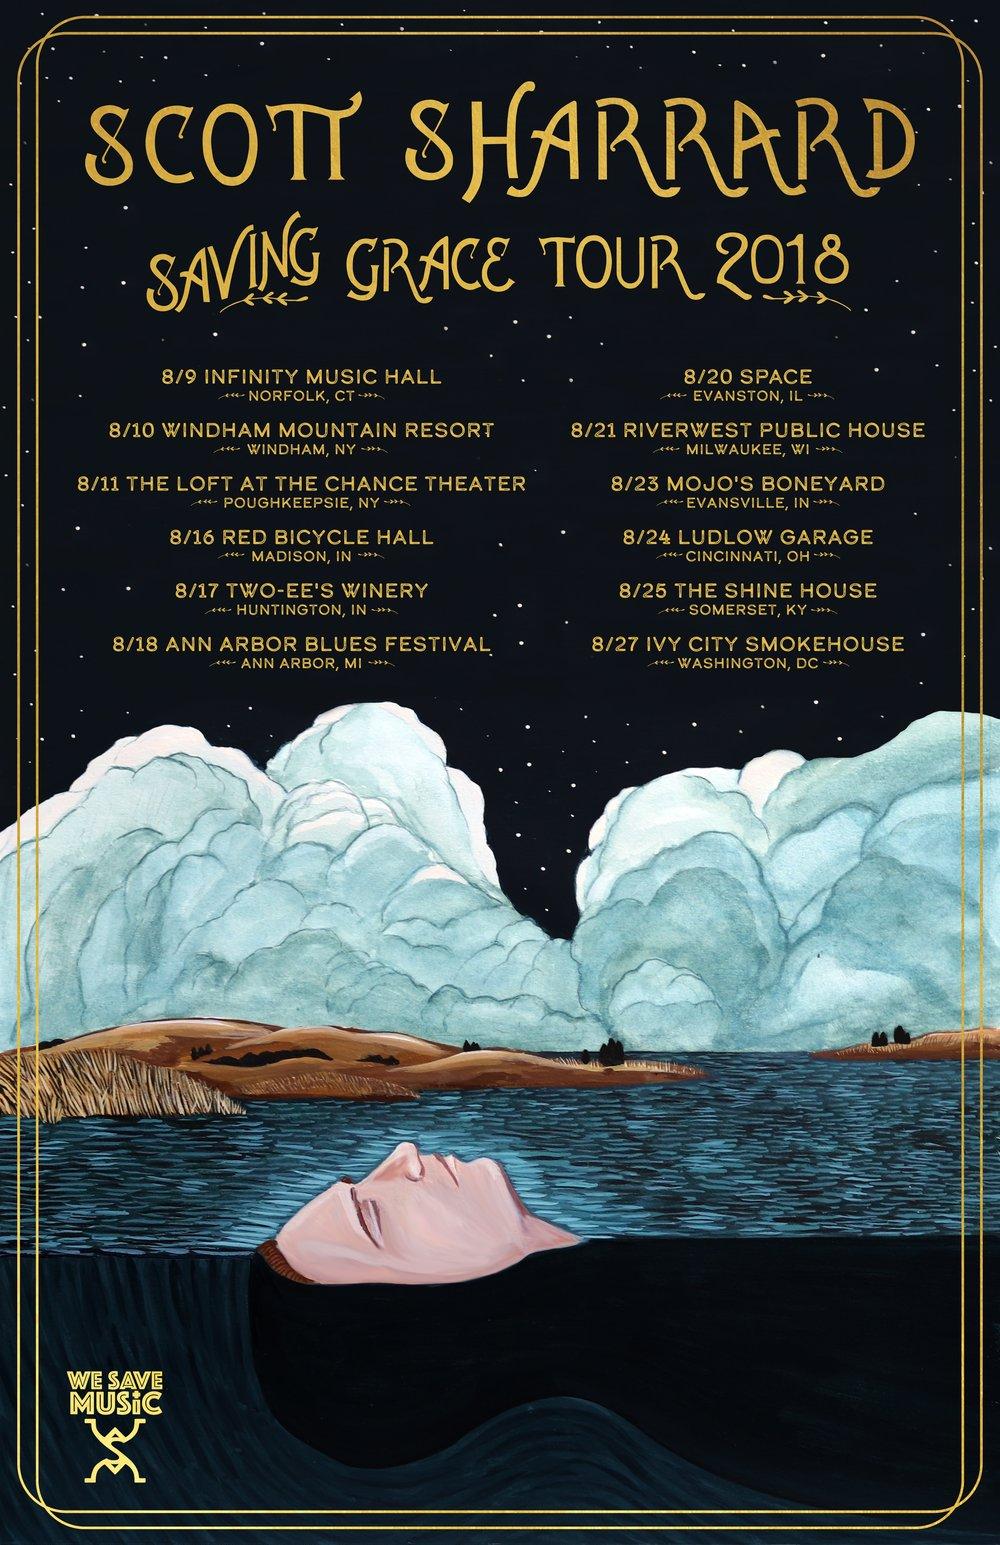 Scott Sharrard August 2018 Poster.jpg